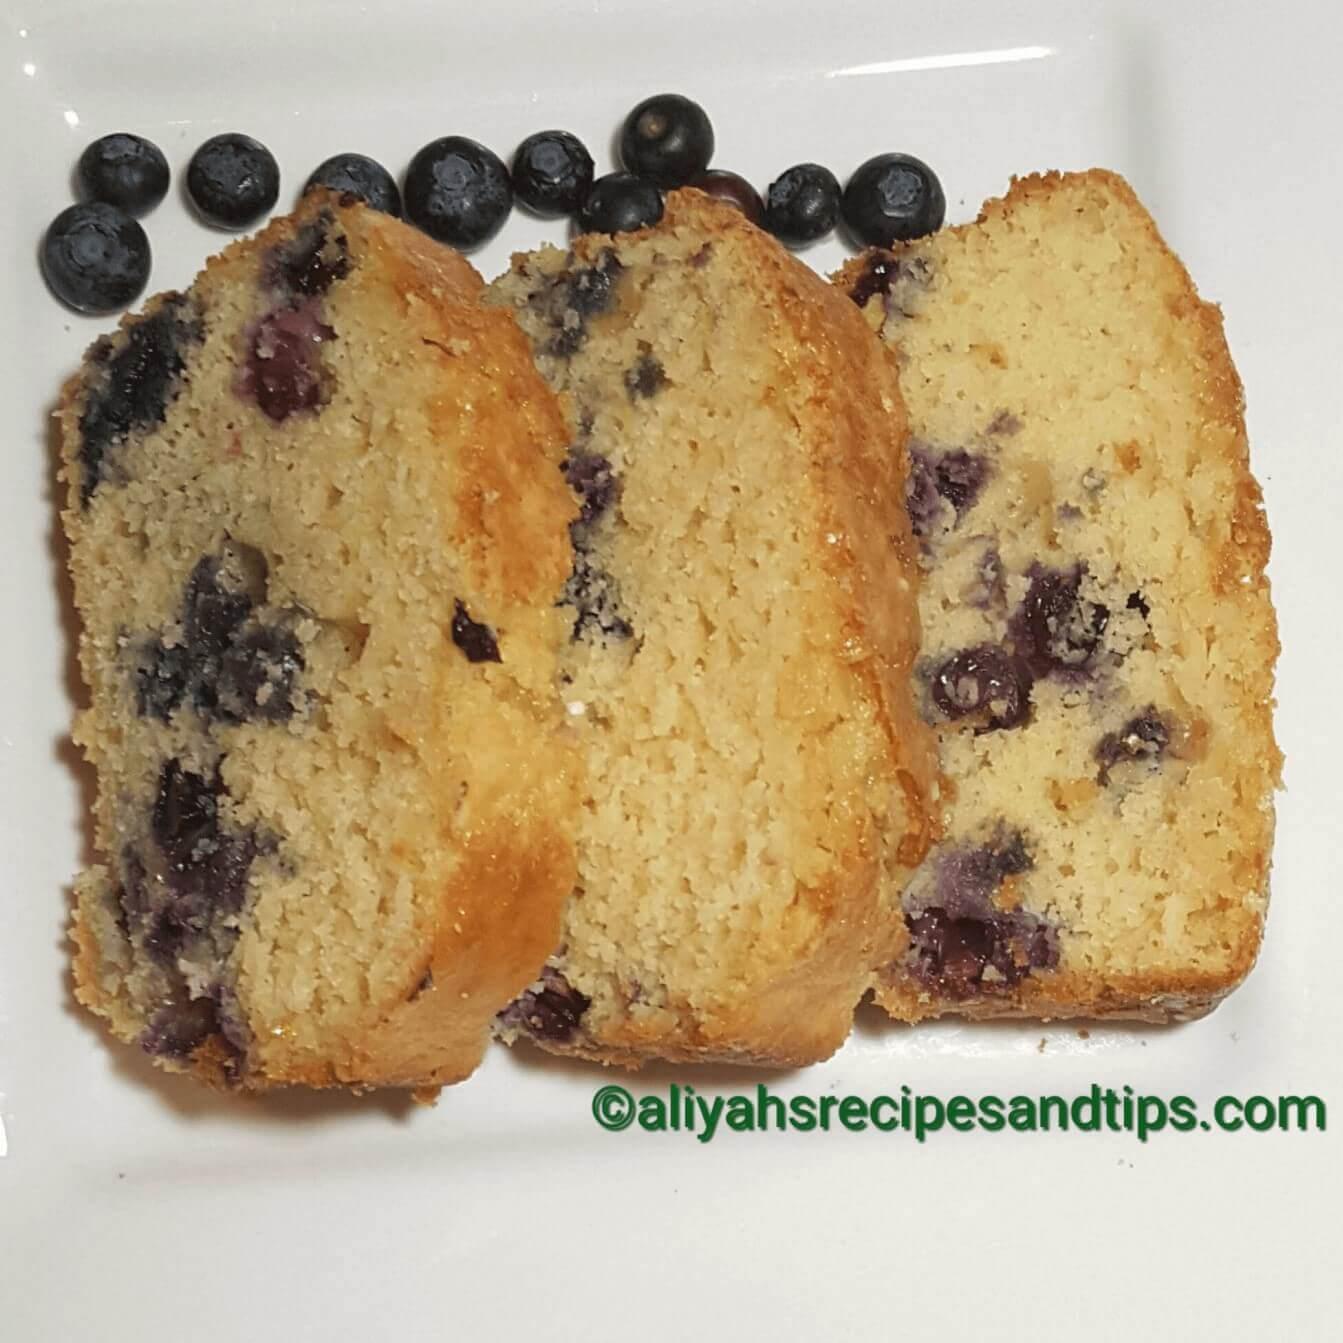 Orange blueberry loaf, blueberry loaf, how to make orange blueberry loaf